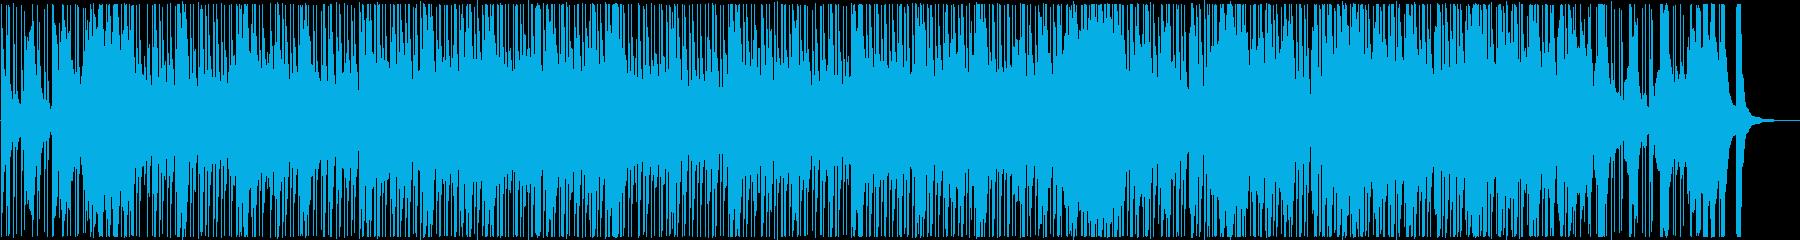 三味線と和太鼓などの和風で活気ある楽曲の再生済みの波形